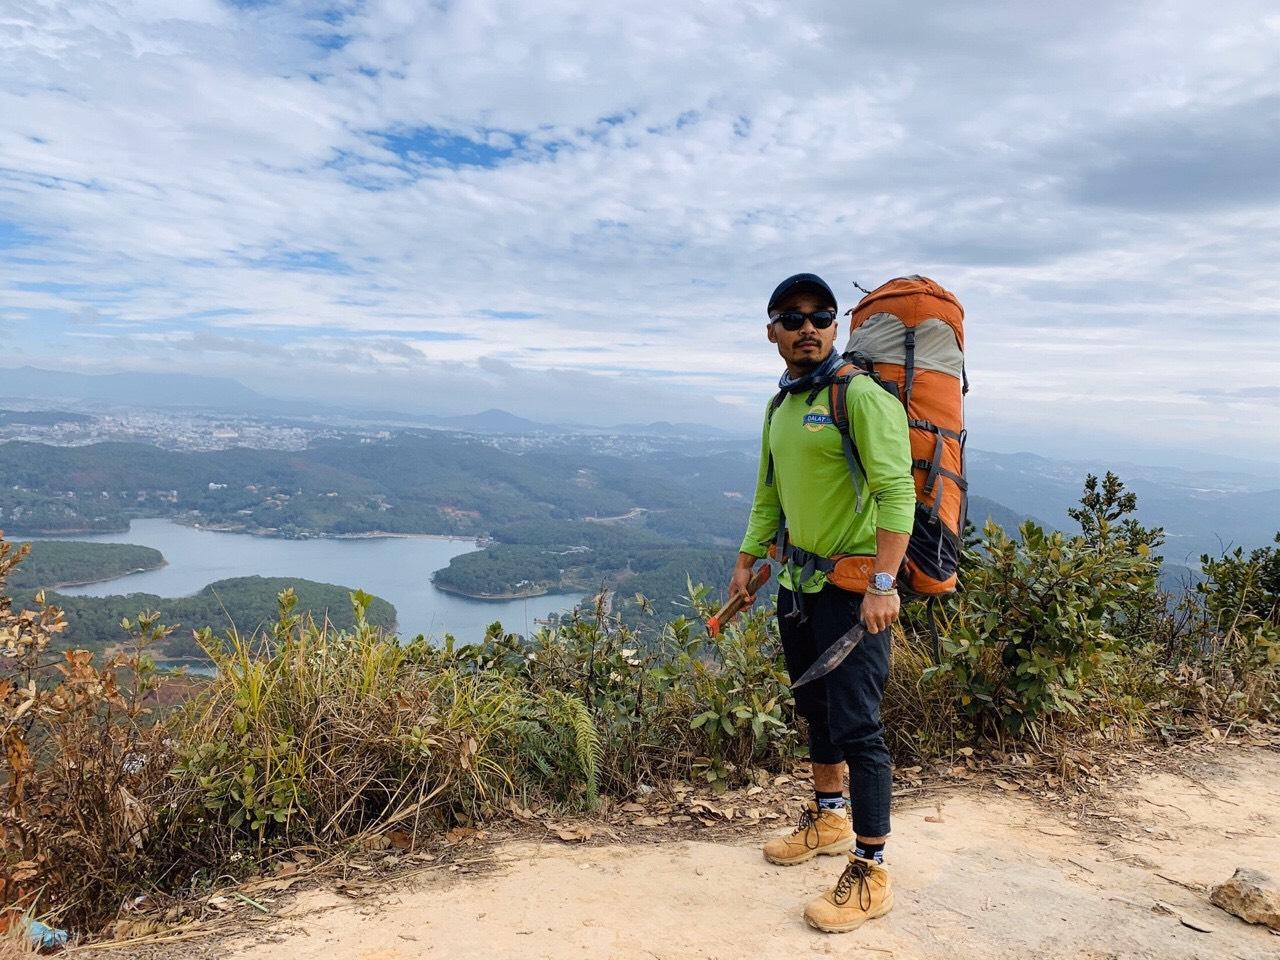 Chọn trang phục trekking phù hợp. Hình: Sưu tầm